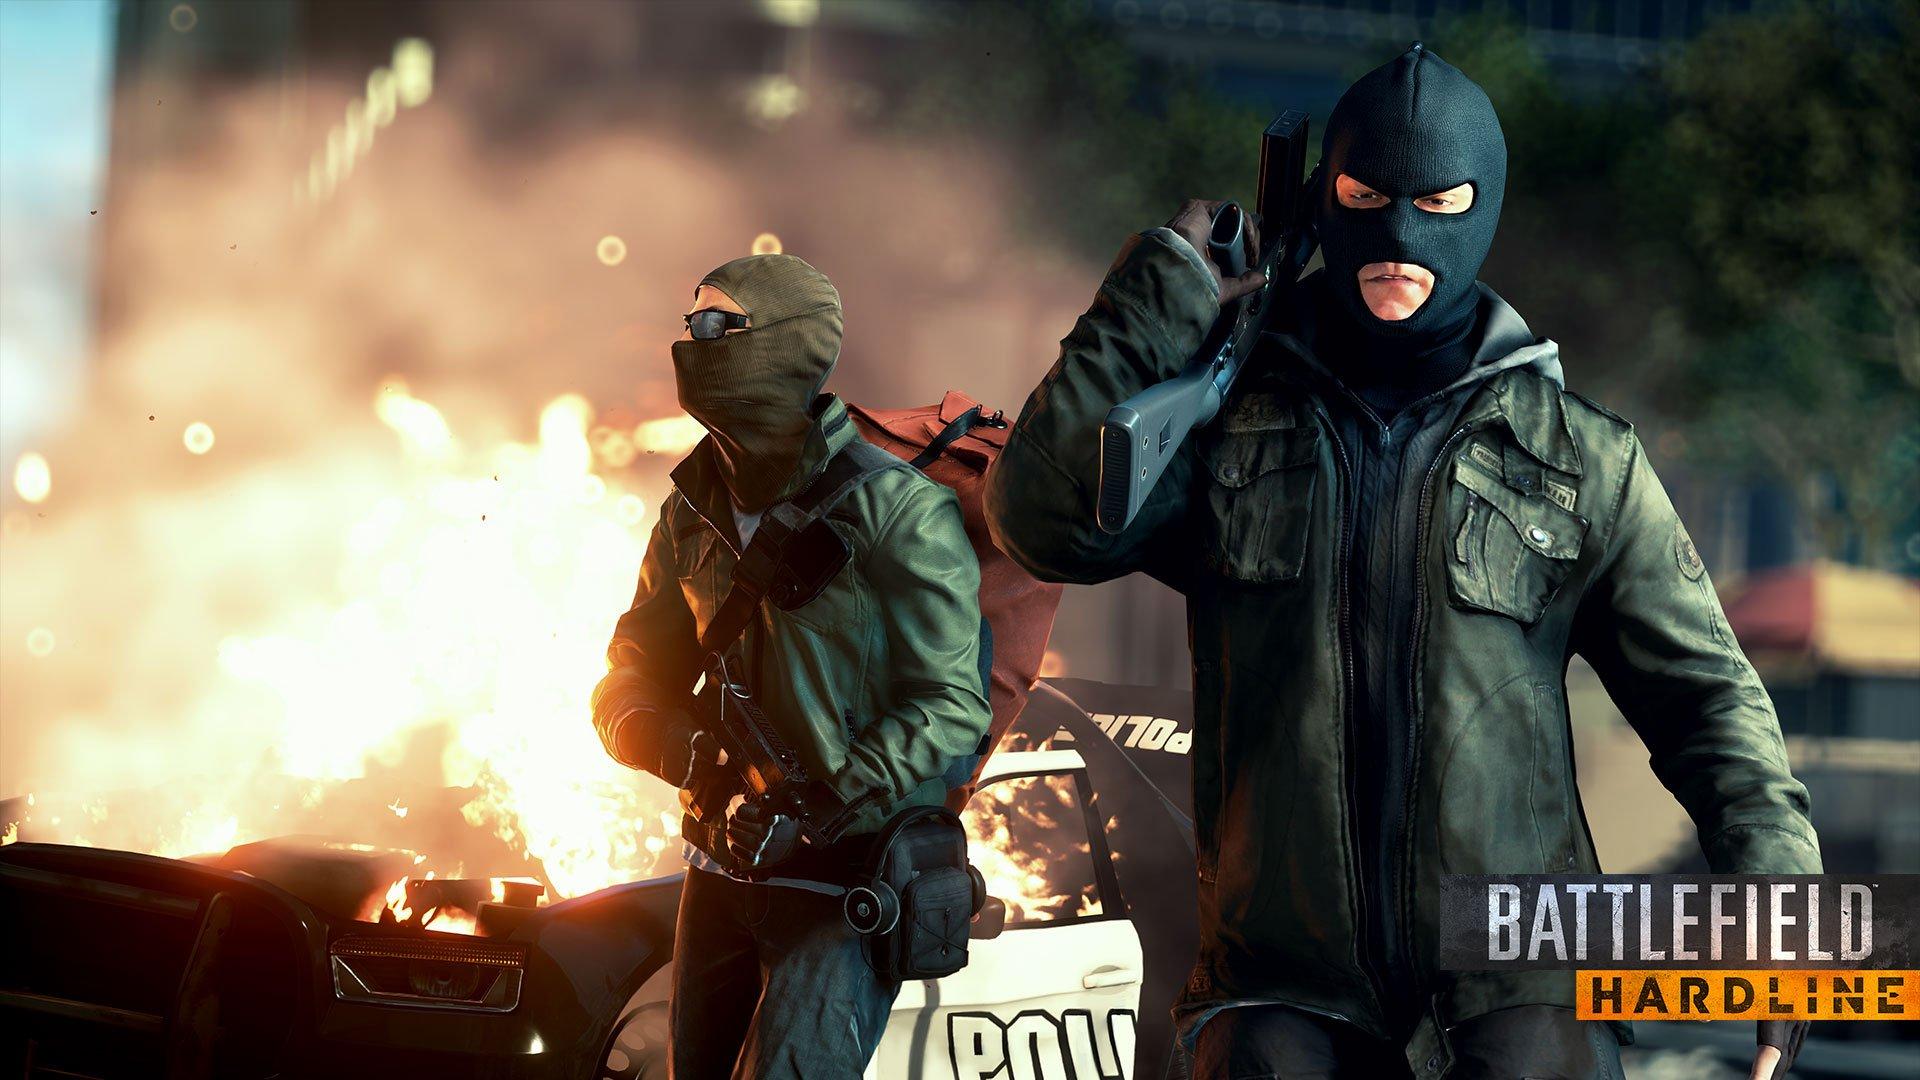 Скриншот Battlefield: Hardline (2015) REPACK ОТ R.G. МЕХАНИКИ скачать торрент бесплатно